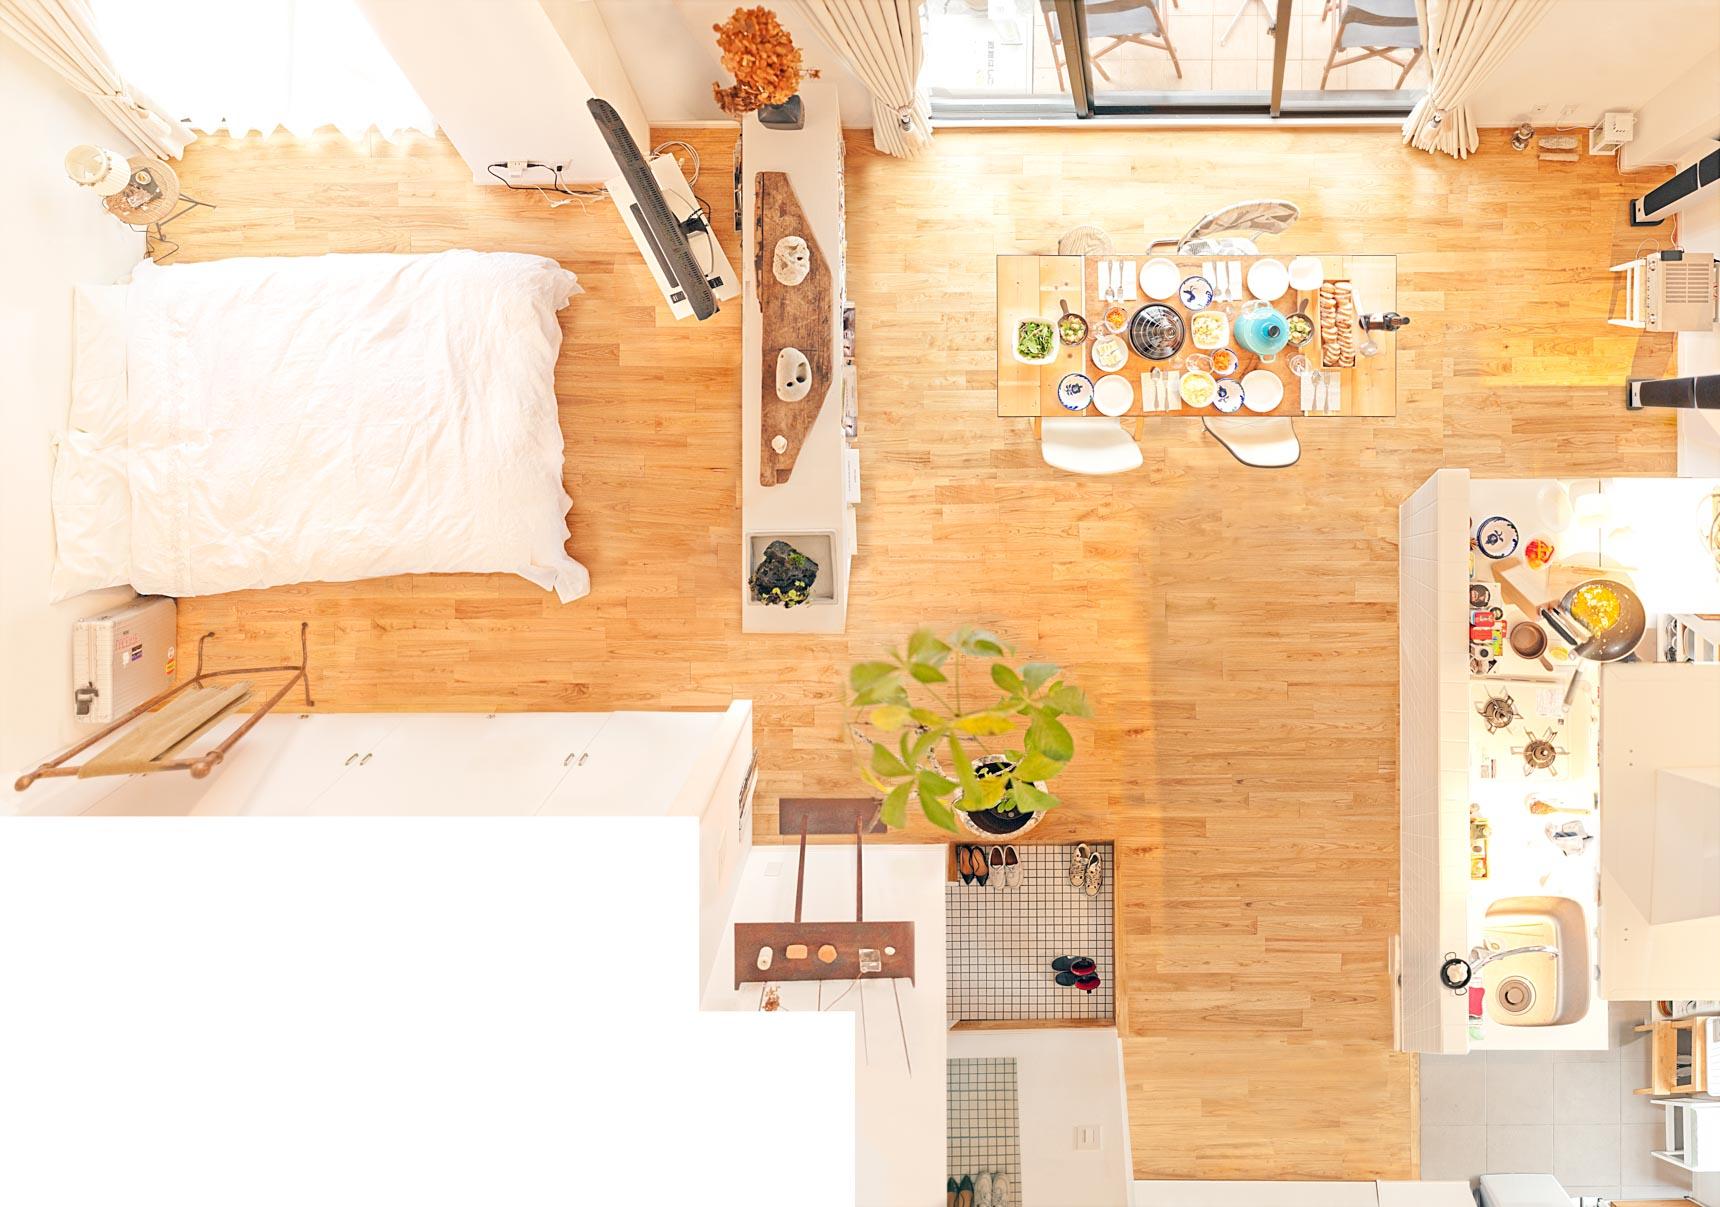 棚で仕切るベッドスペースはシンプルに整えて、テレビを置きソファがわりにも。(このお部屋はこちら)